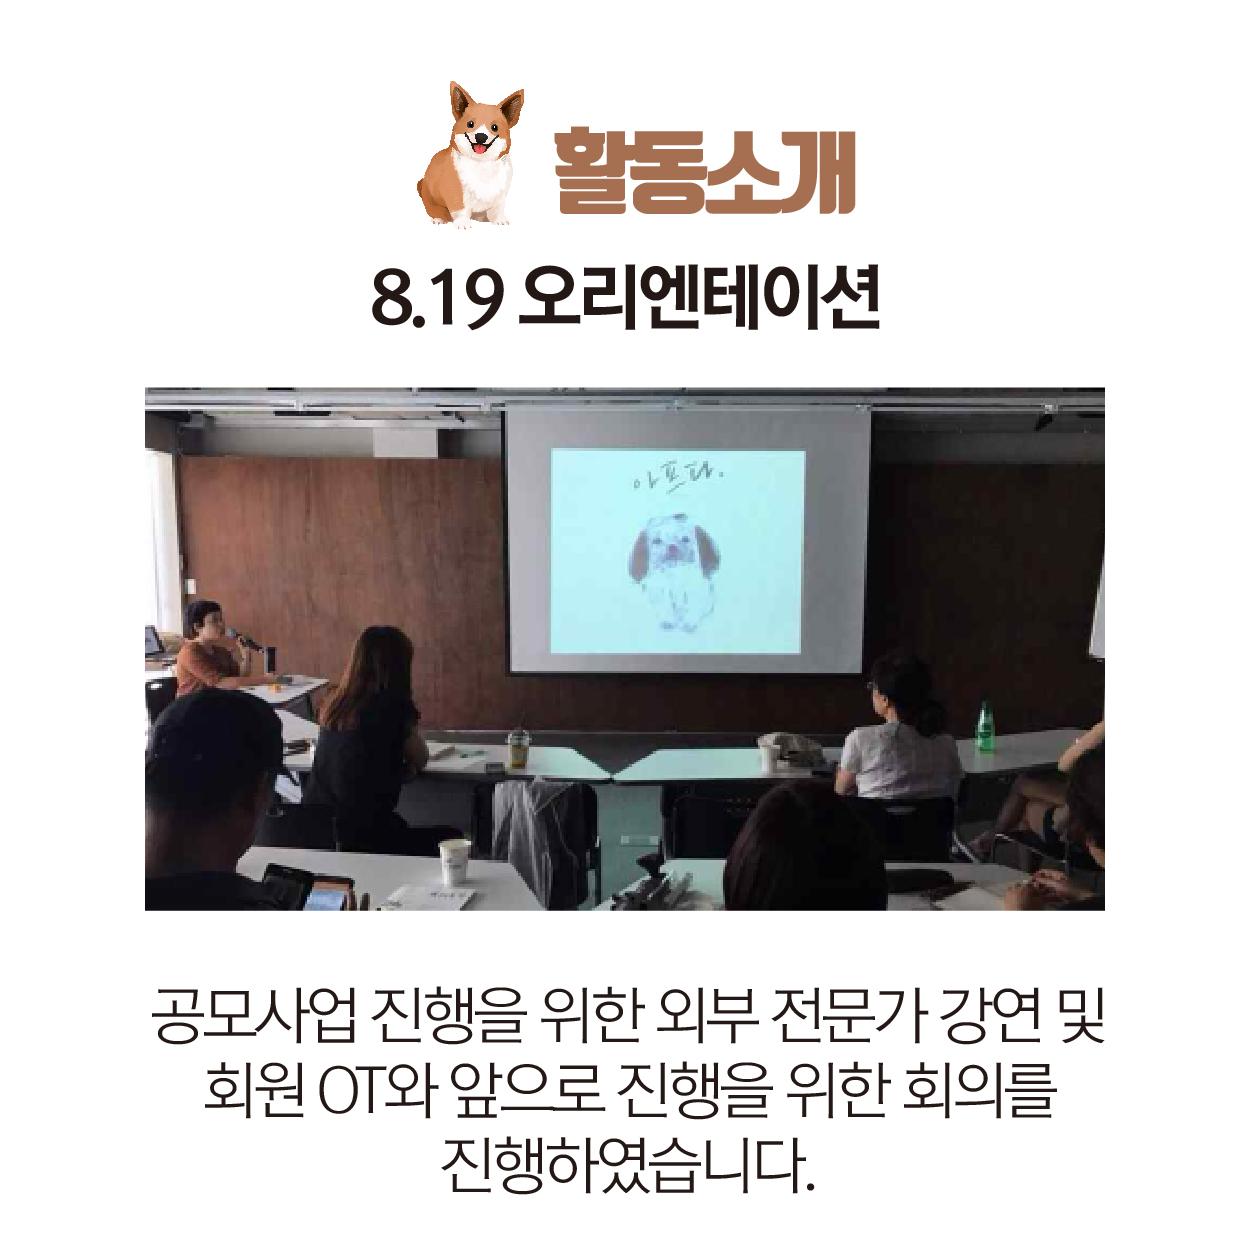 [서울시 생활속민주주의 학습지원센터] 2017 시민학습 사회참여모임 '그림자'